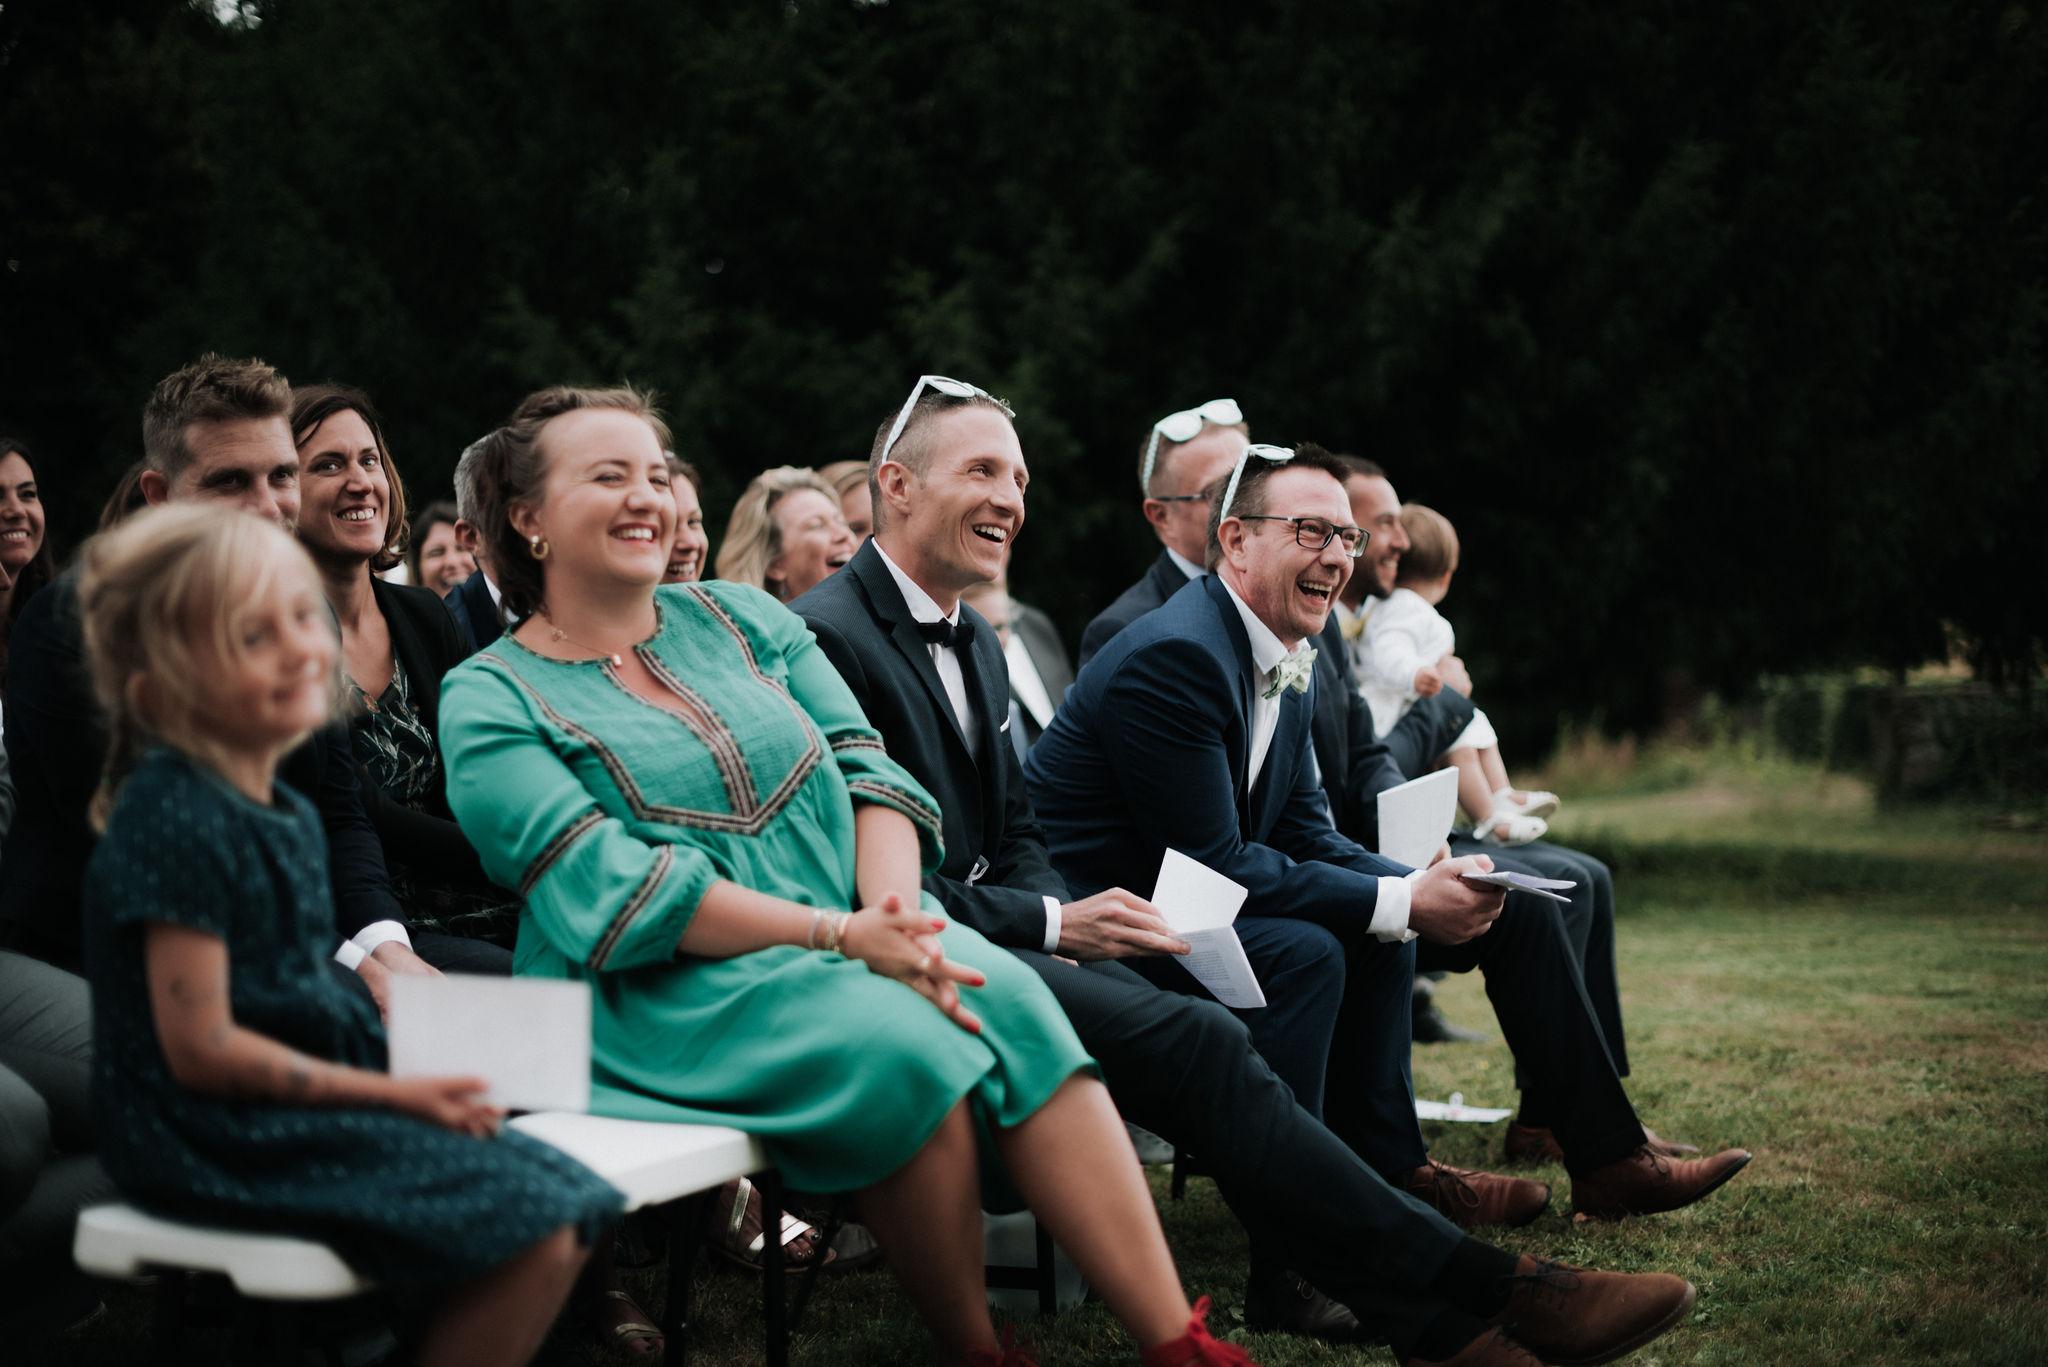 Léa-Fery-photographe-professionnel-lyon-rhone-alpes-portrait-creation-mariage-evenement-evenementiel-famille-6987.jpg